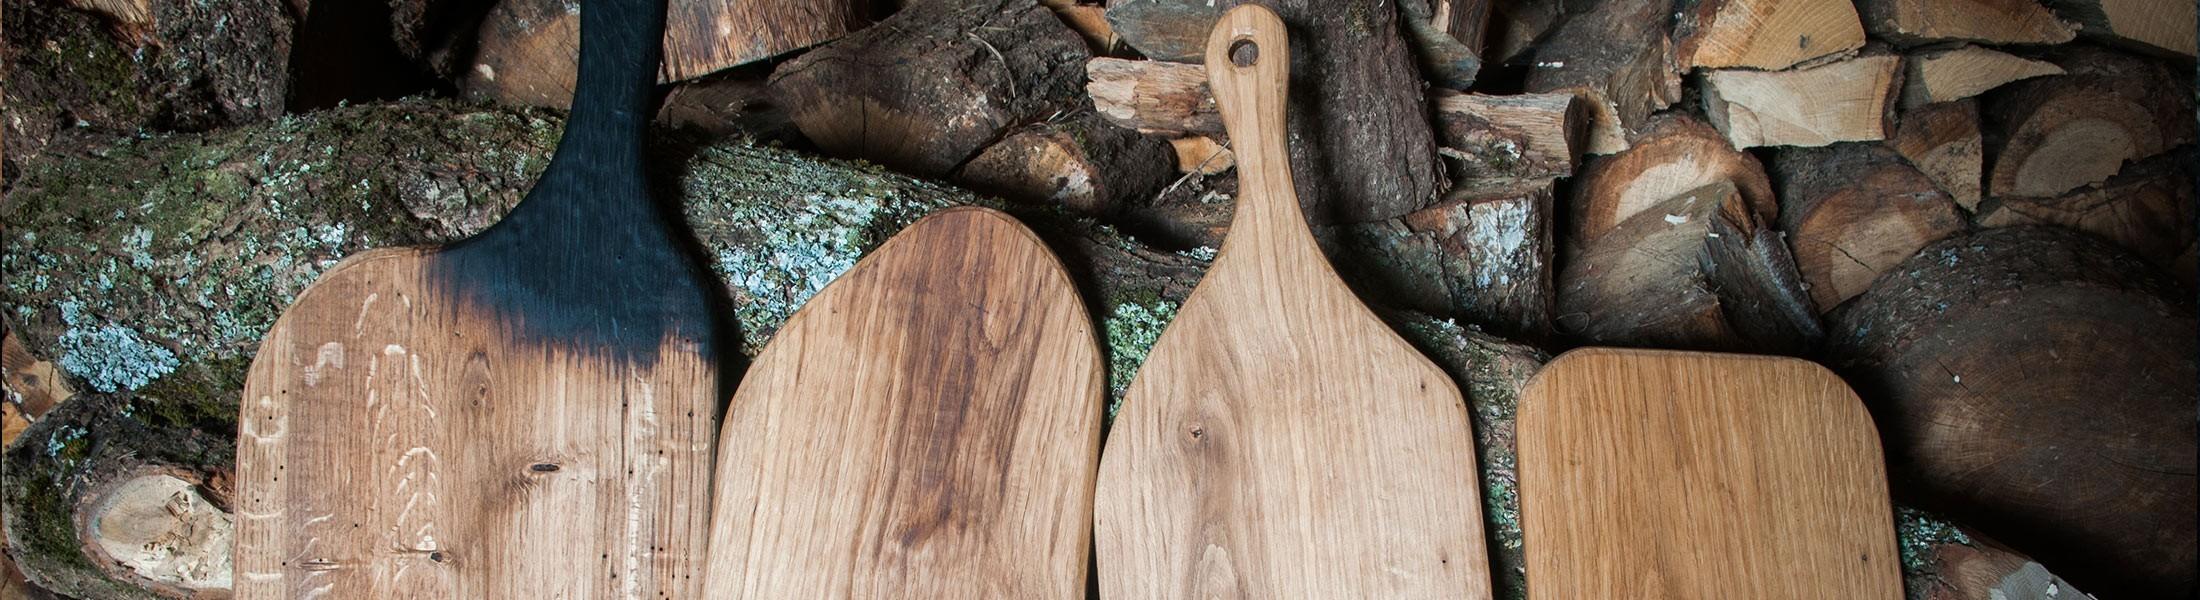 Tête de Bois   planche à découper bois artisanal